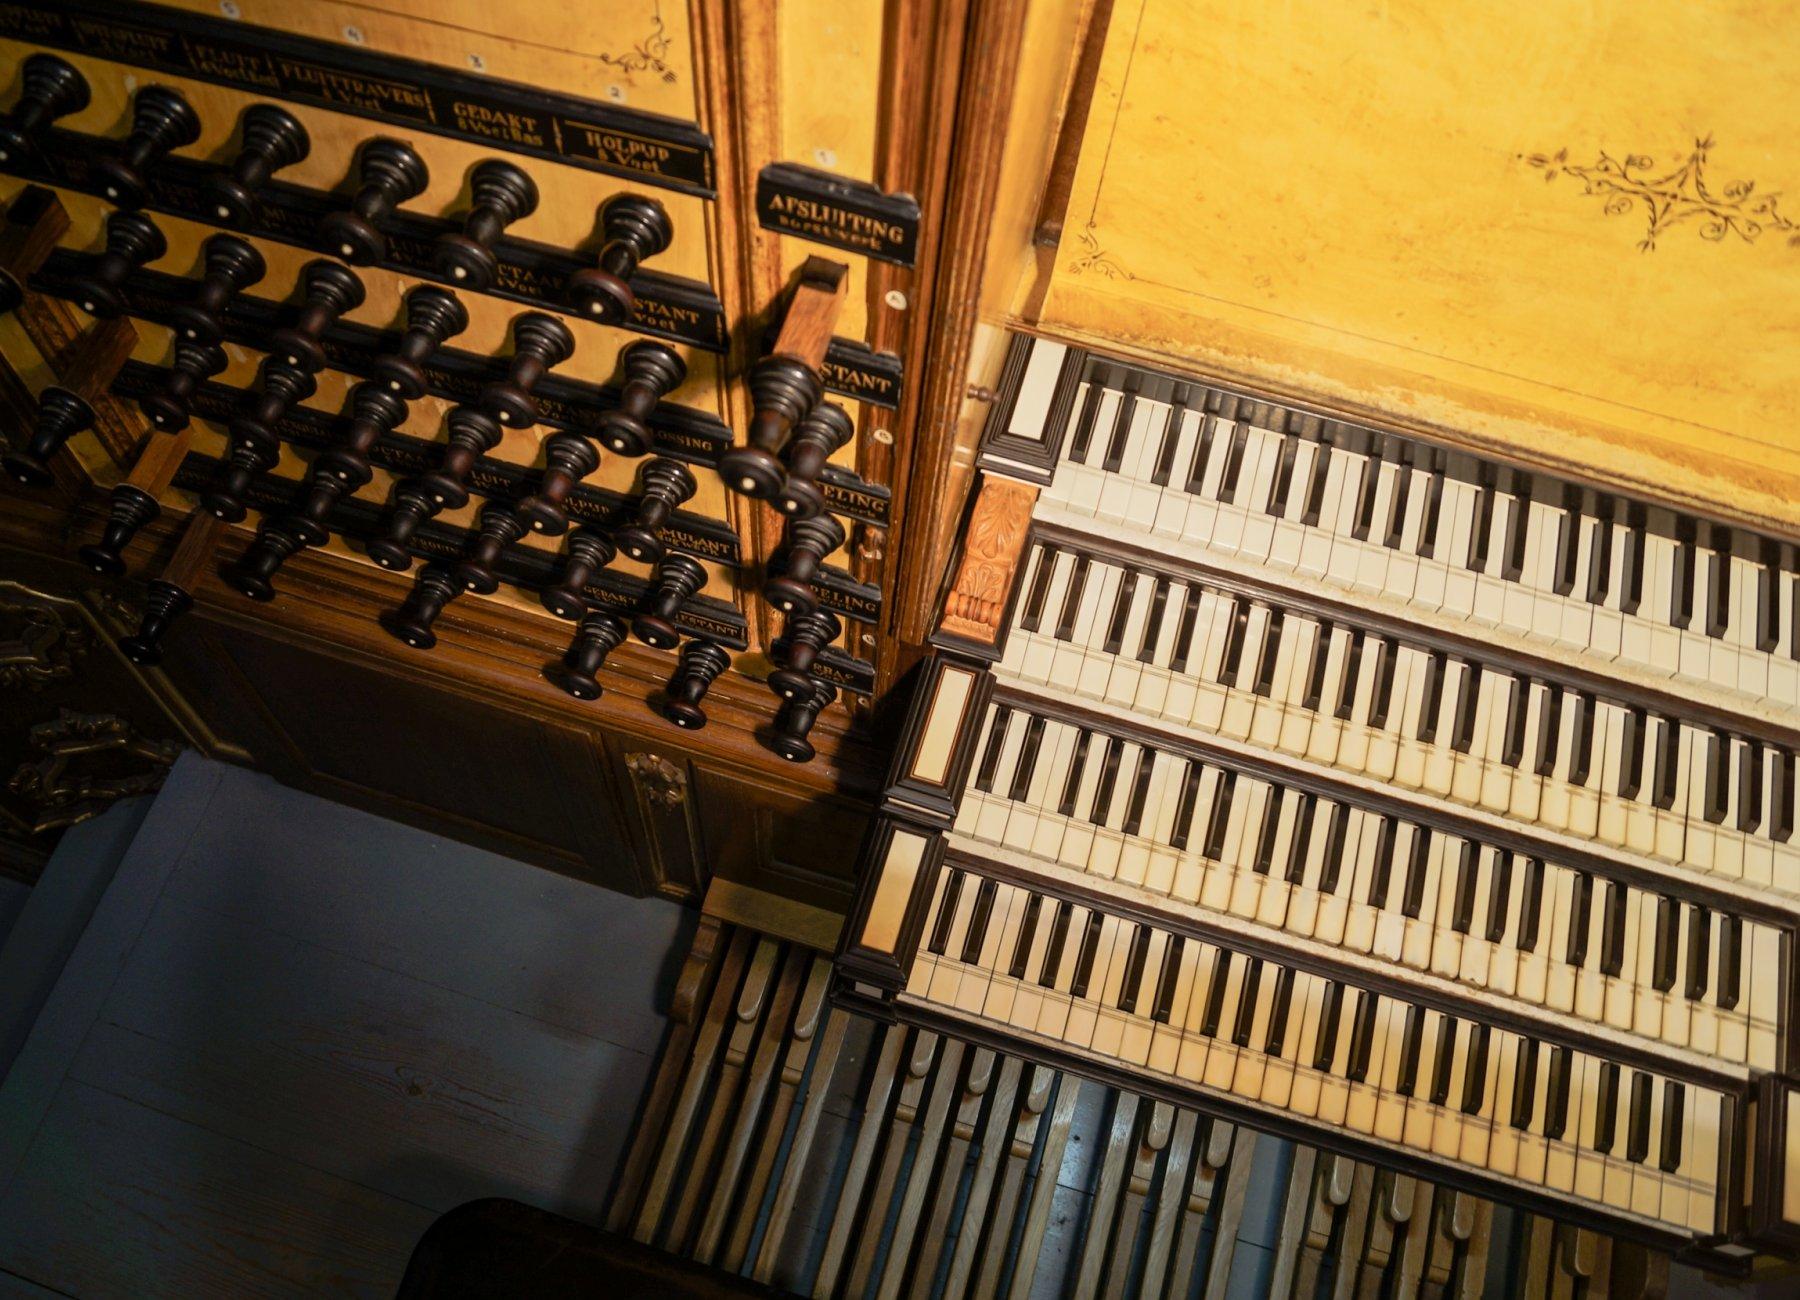 Organist Marco den Toom